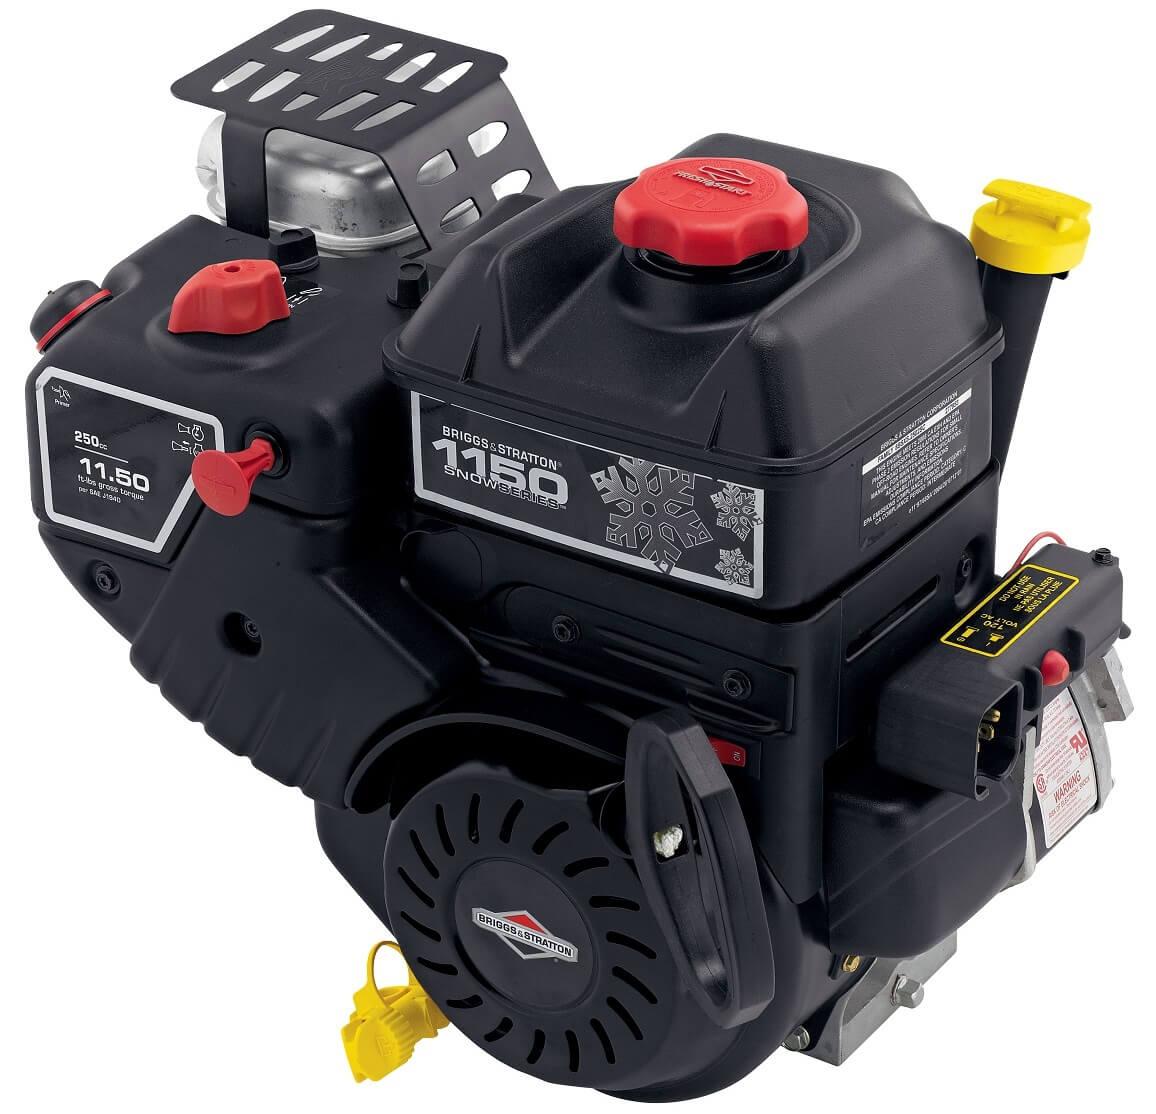 Двигатель B&S 1150 Snow Series